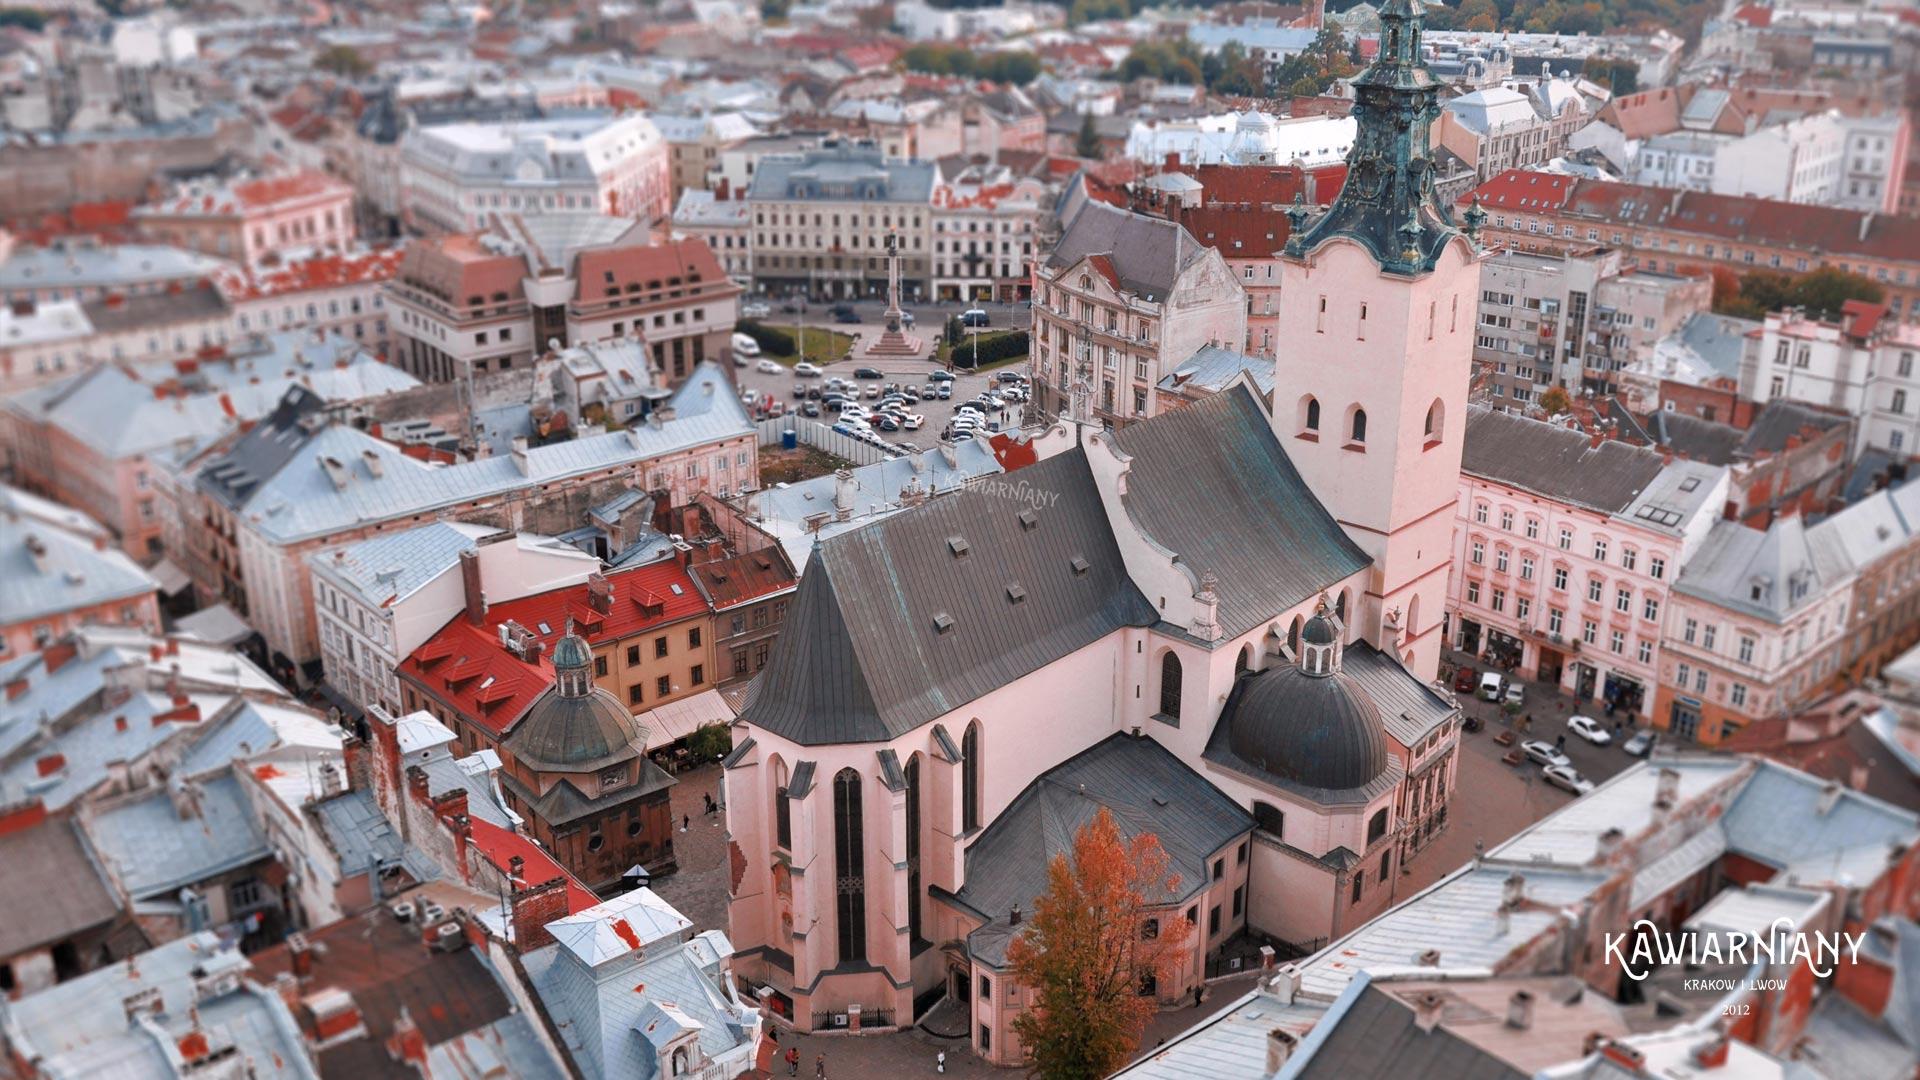 Samolotem na Ukrainę. Tanie loty z Krakowa do Lwowa. Rezerwacje już możliwe!